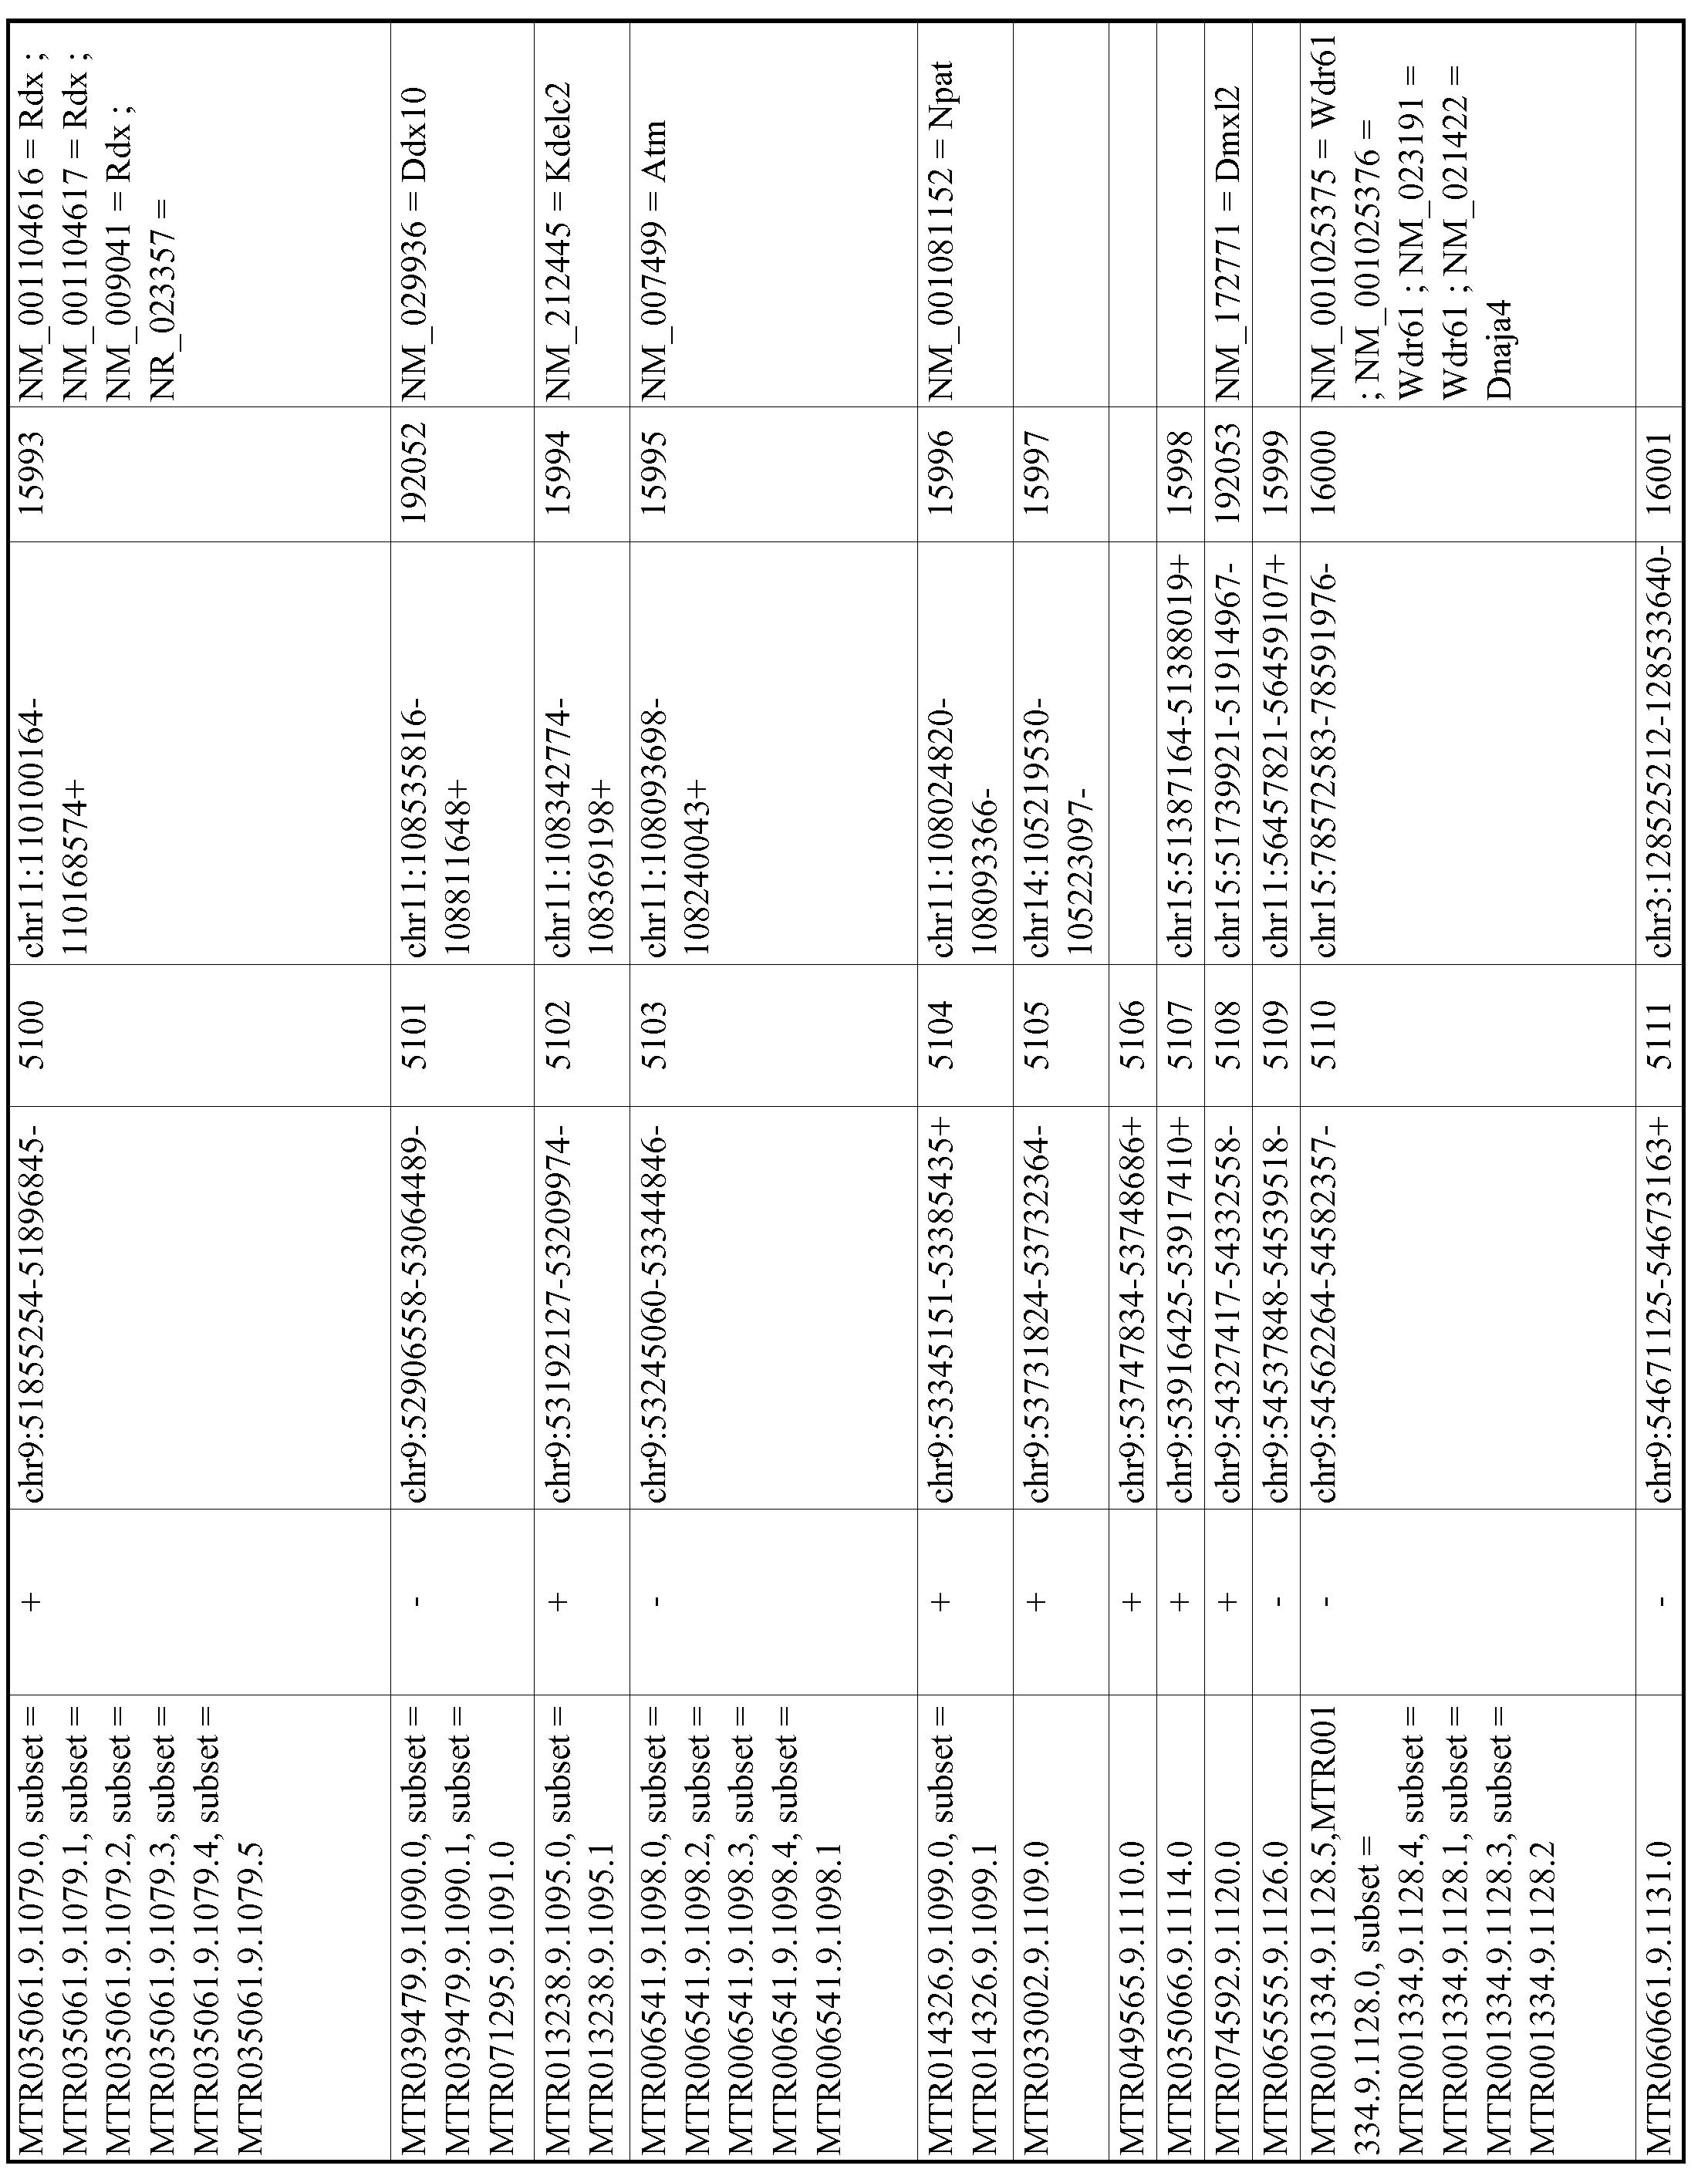 Figure imgf000932_0001